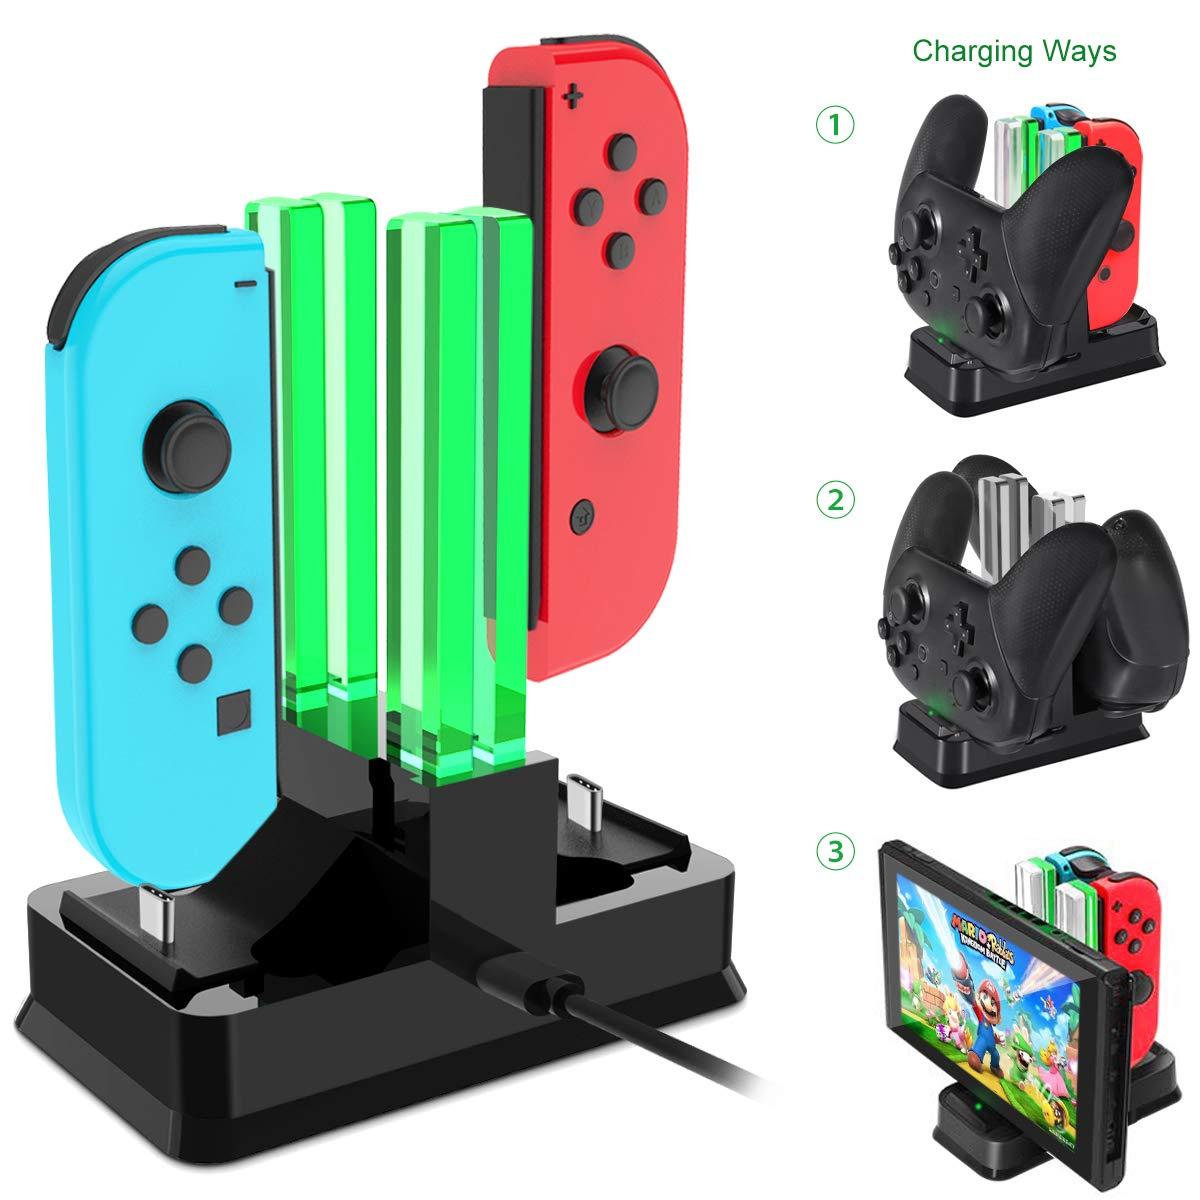 Base de Carga Cargador para Nintendo Switch Onedream imagen